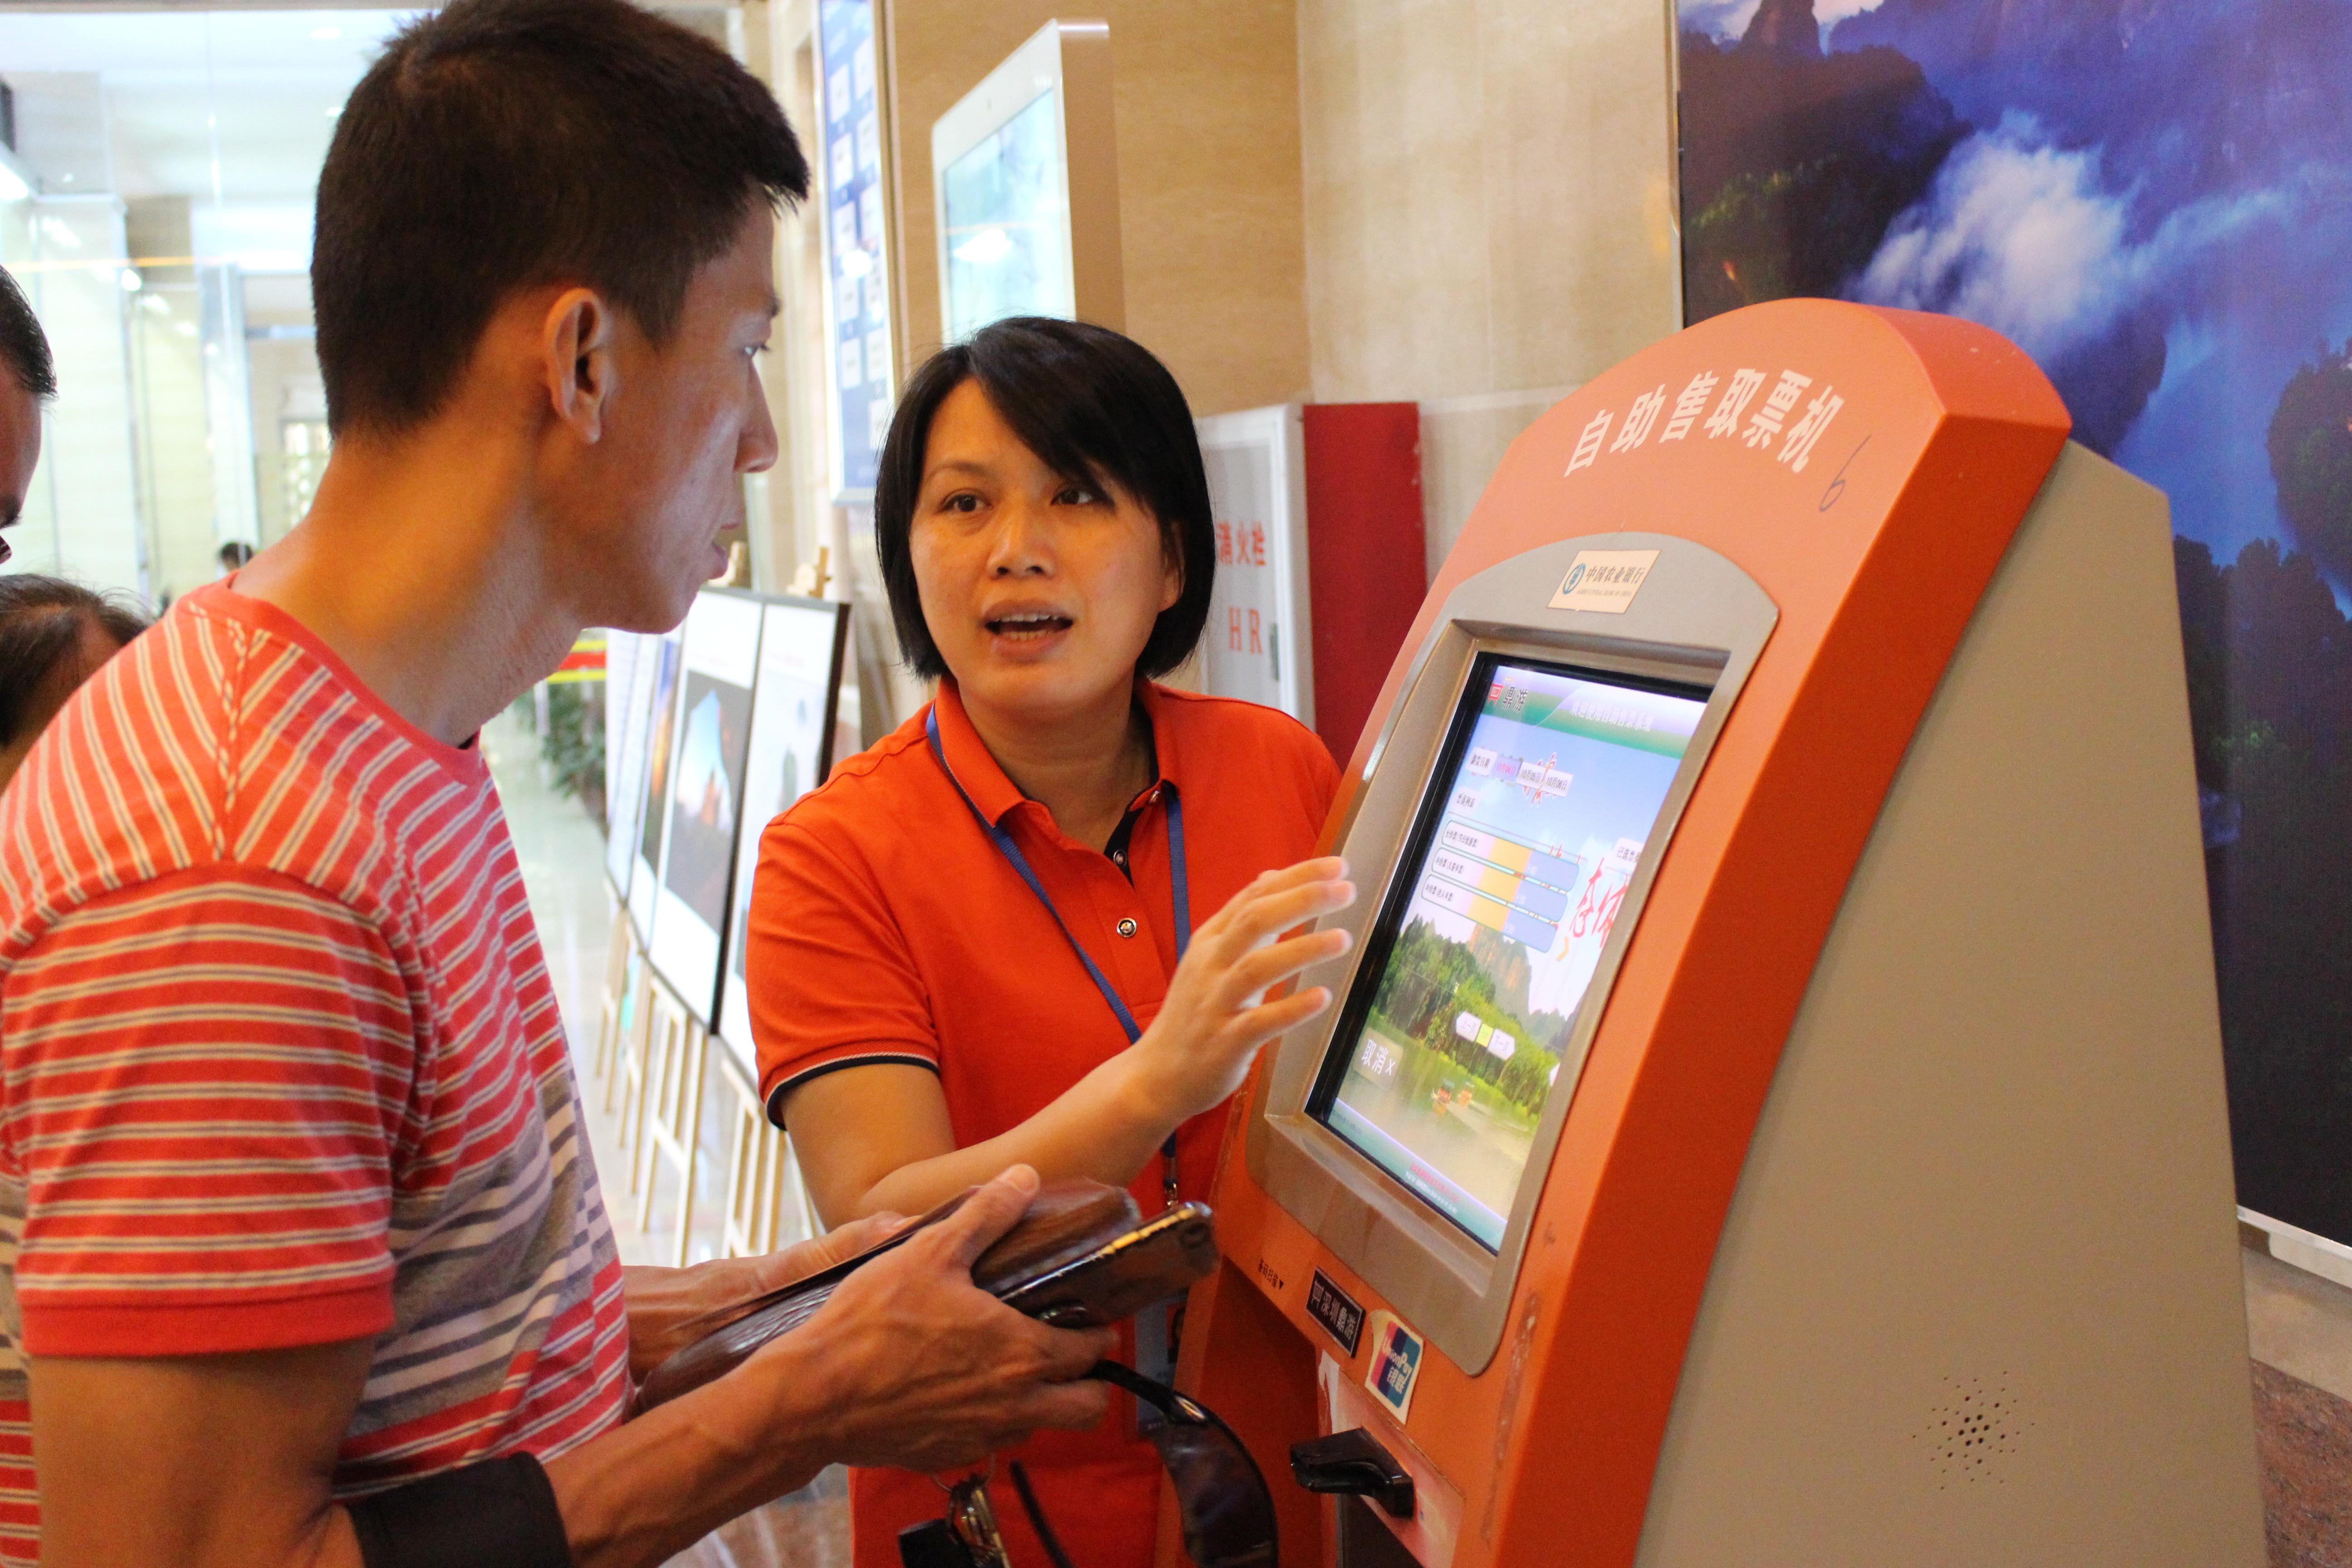 丹霞山5天接待游客近30万人次景区却井然有序全因这个系统!